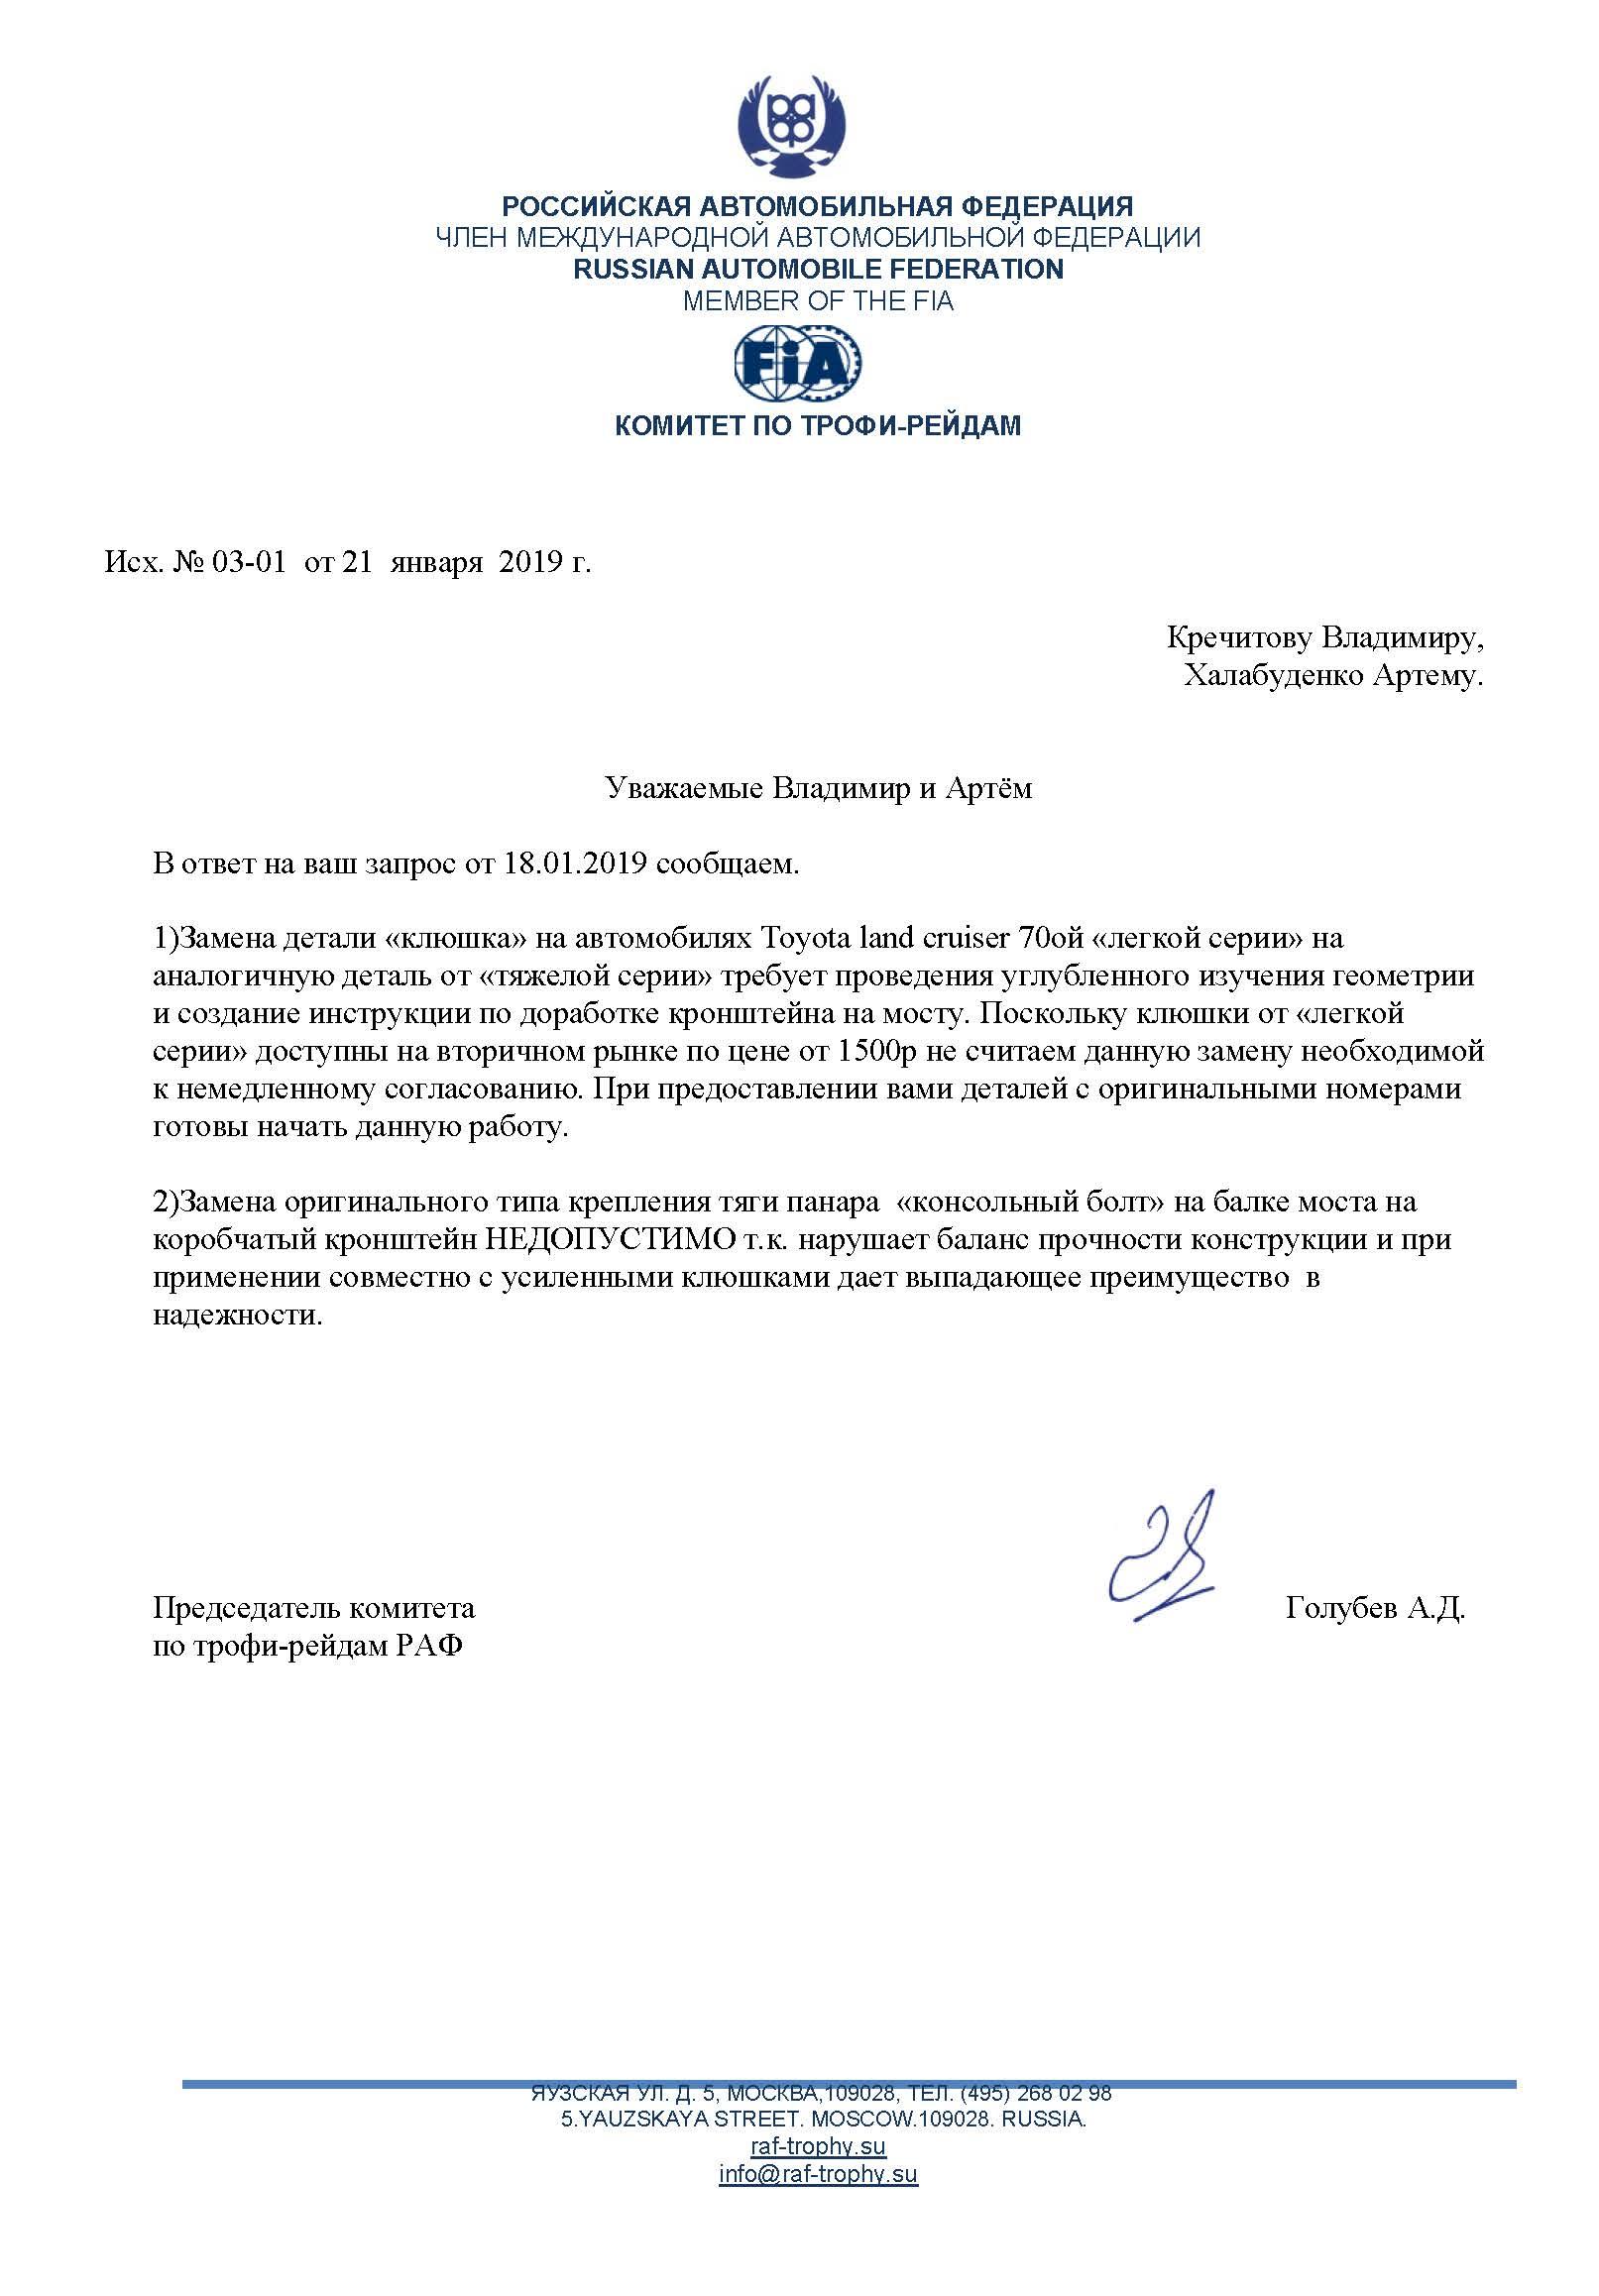 Письмо Кречитова.jpg